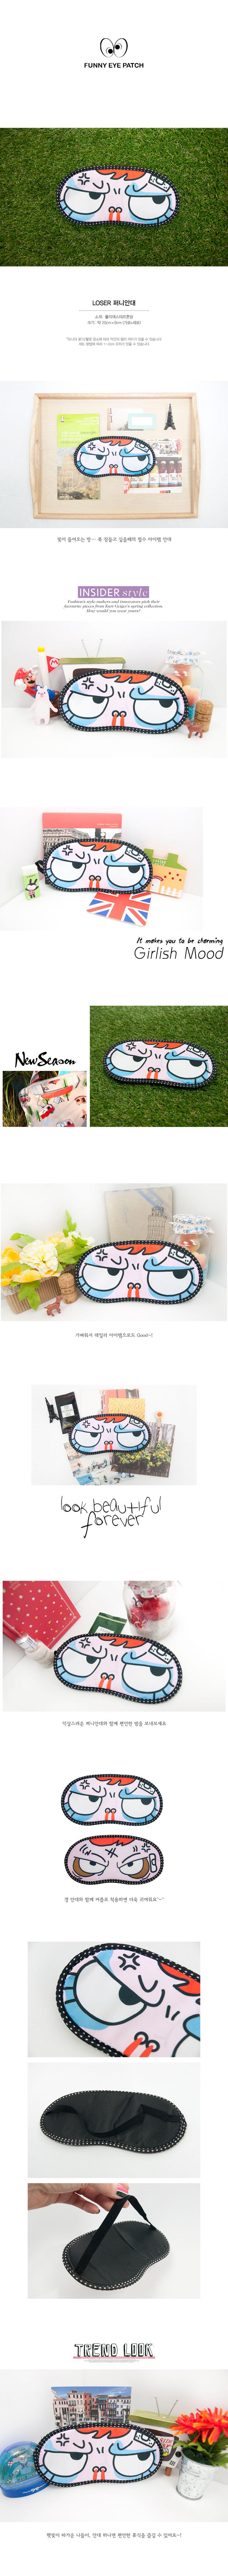 퍼니안대-FUNNY EYE PATCH(LOSER) - 레인트리, 3,500원, 편의용품, 목쿠션/안대/슬리퍼